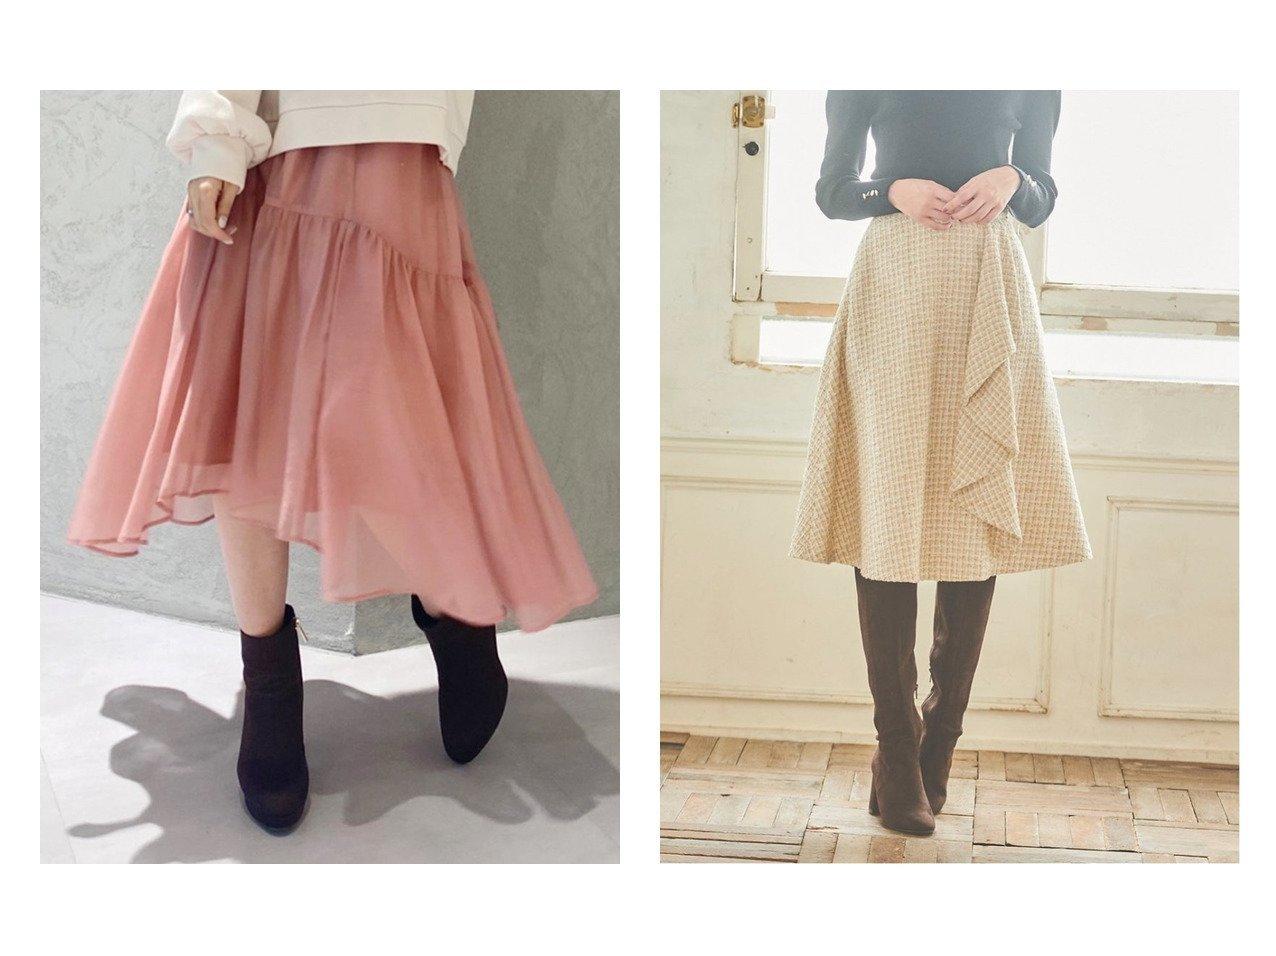 【31 Sons de mode/トランテアン ソン ドゥ モード】のエアリーフレアスカート&ラッフルツイードフレアスカート スカートのおすすめ!人気、トレンド・レディースファッションの通販  おすすめで人気の流行・トレンド、ファッションの通販商品 メンズファッション・キッズファッション・インテリア・家具・レディースファッション・服の通販 founy(ファニー) https://founy.com/ ファッション Fashion レディースファッション WOMEN スカート Skirt Aライン/フレアスカート Flared A-Line Skirts イエロー イレギュラーヘム ギャザー シフォン シンプル スニーカー トレーナー パーカー フェミニン フレア フレアースカート ライダース ラベンダー 冬 Winter A/W 秋冬 AW Autumn/Winter / FW Fall-Winter 2020年 2020 2020-2021 秋冬 A/W AW Autumn/Winter / FW Fall-Winter 2020-2021 ツイード フリル 定番 |ID:crp329100000009705